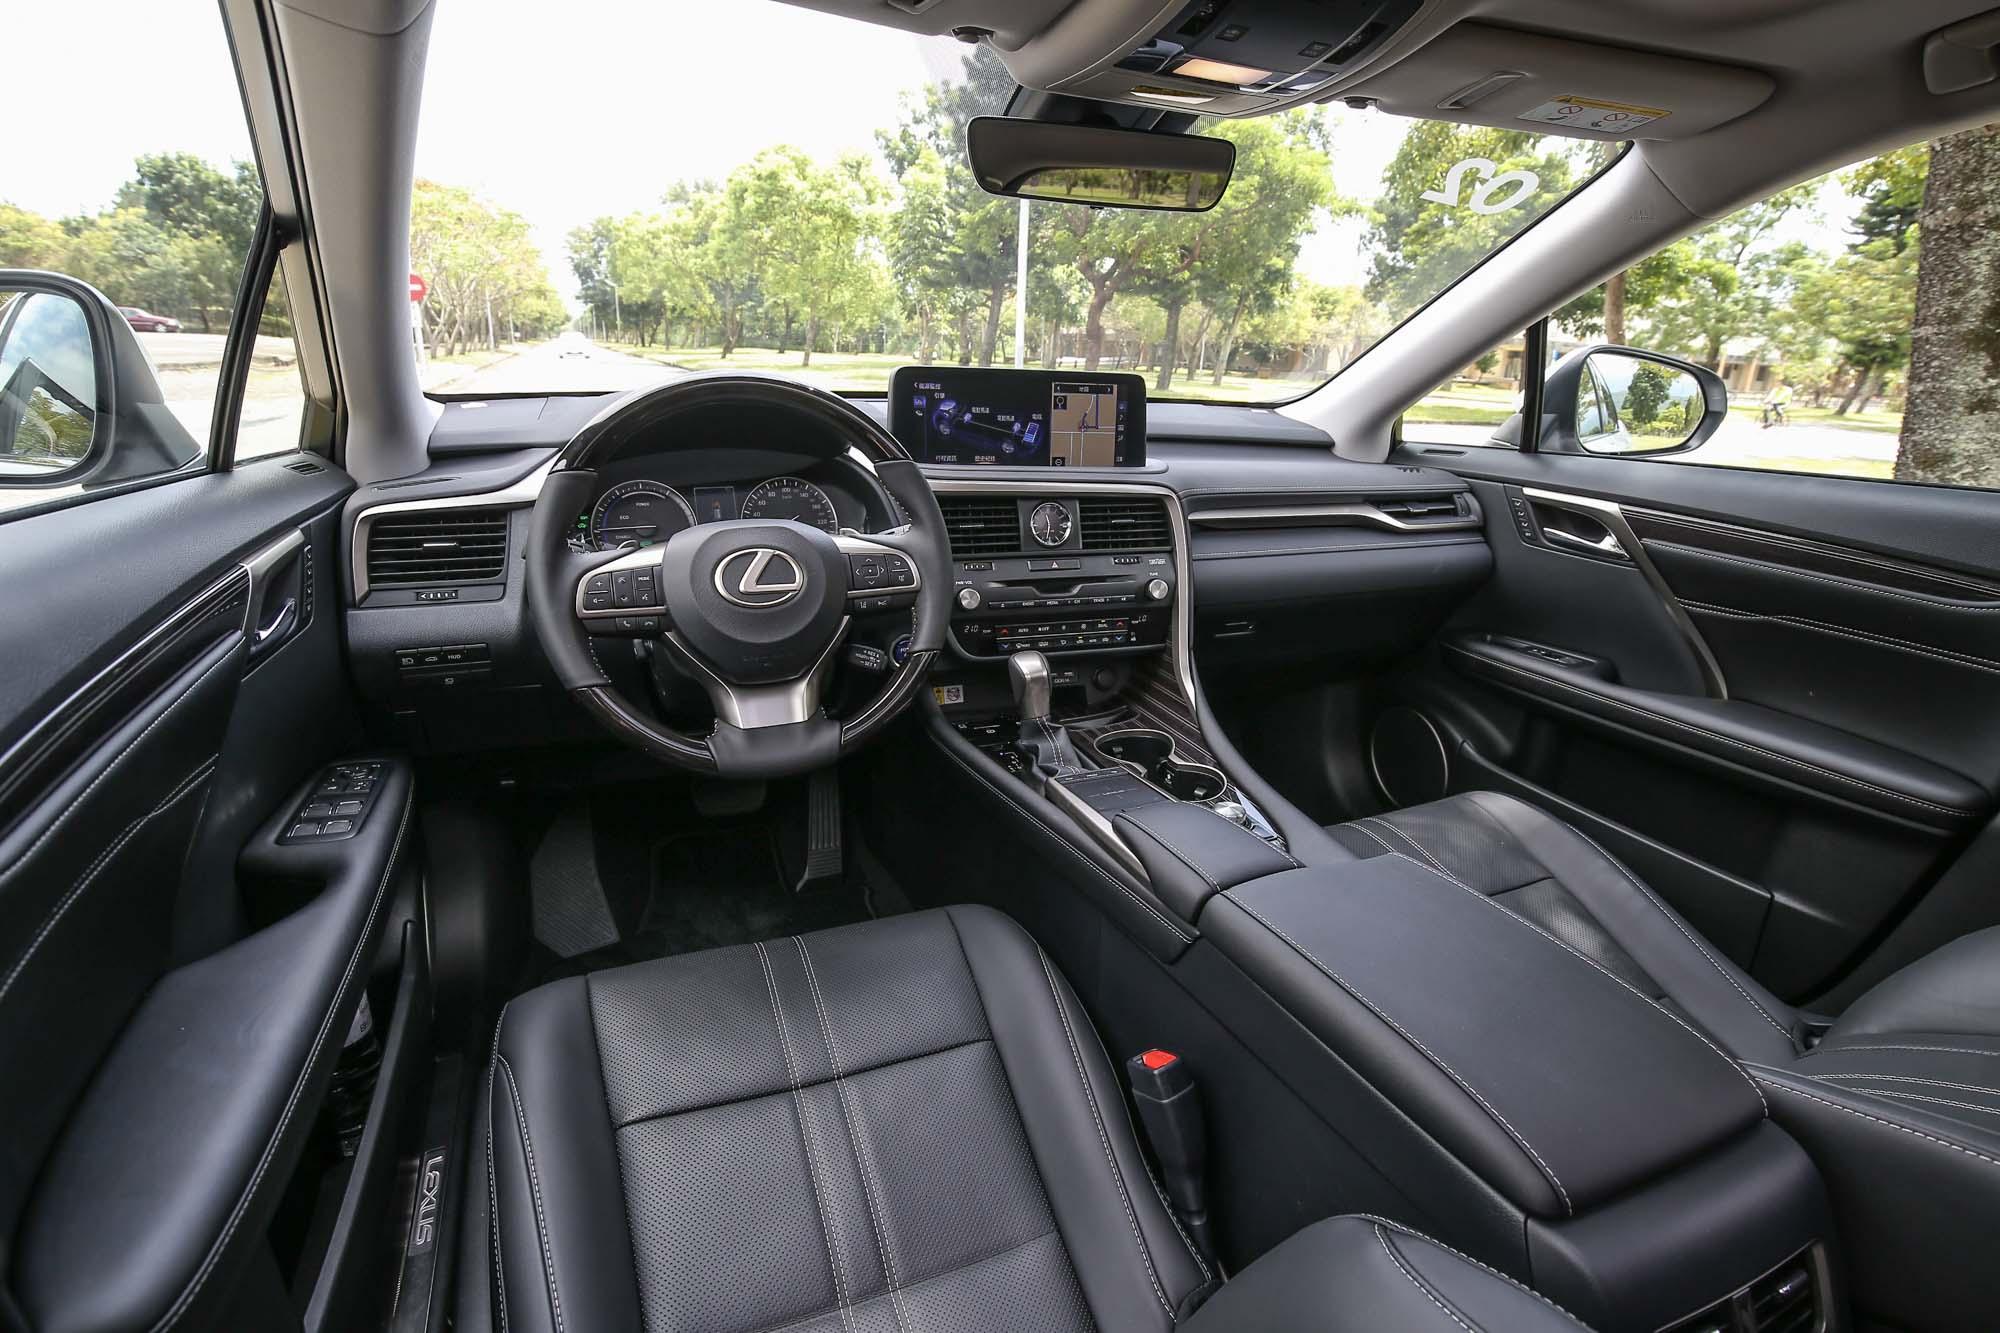 如同外觀一樣,座艙內的改款幅度也不大,僅針對細節加以調整。